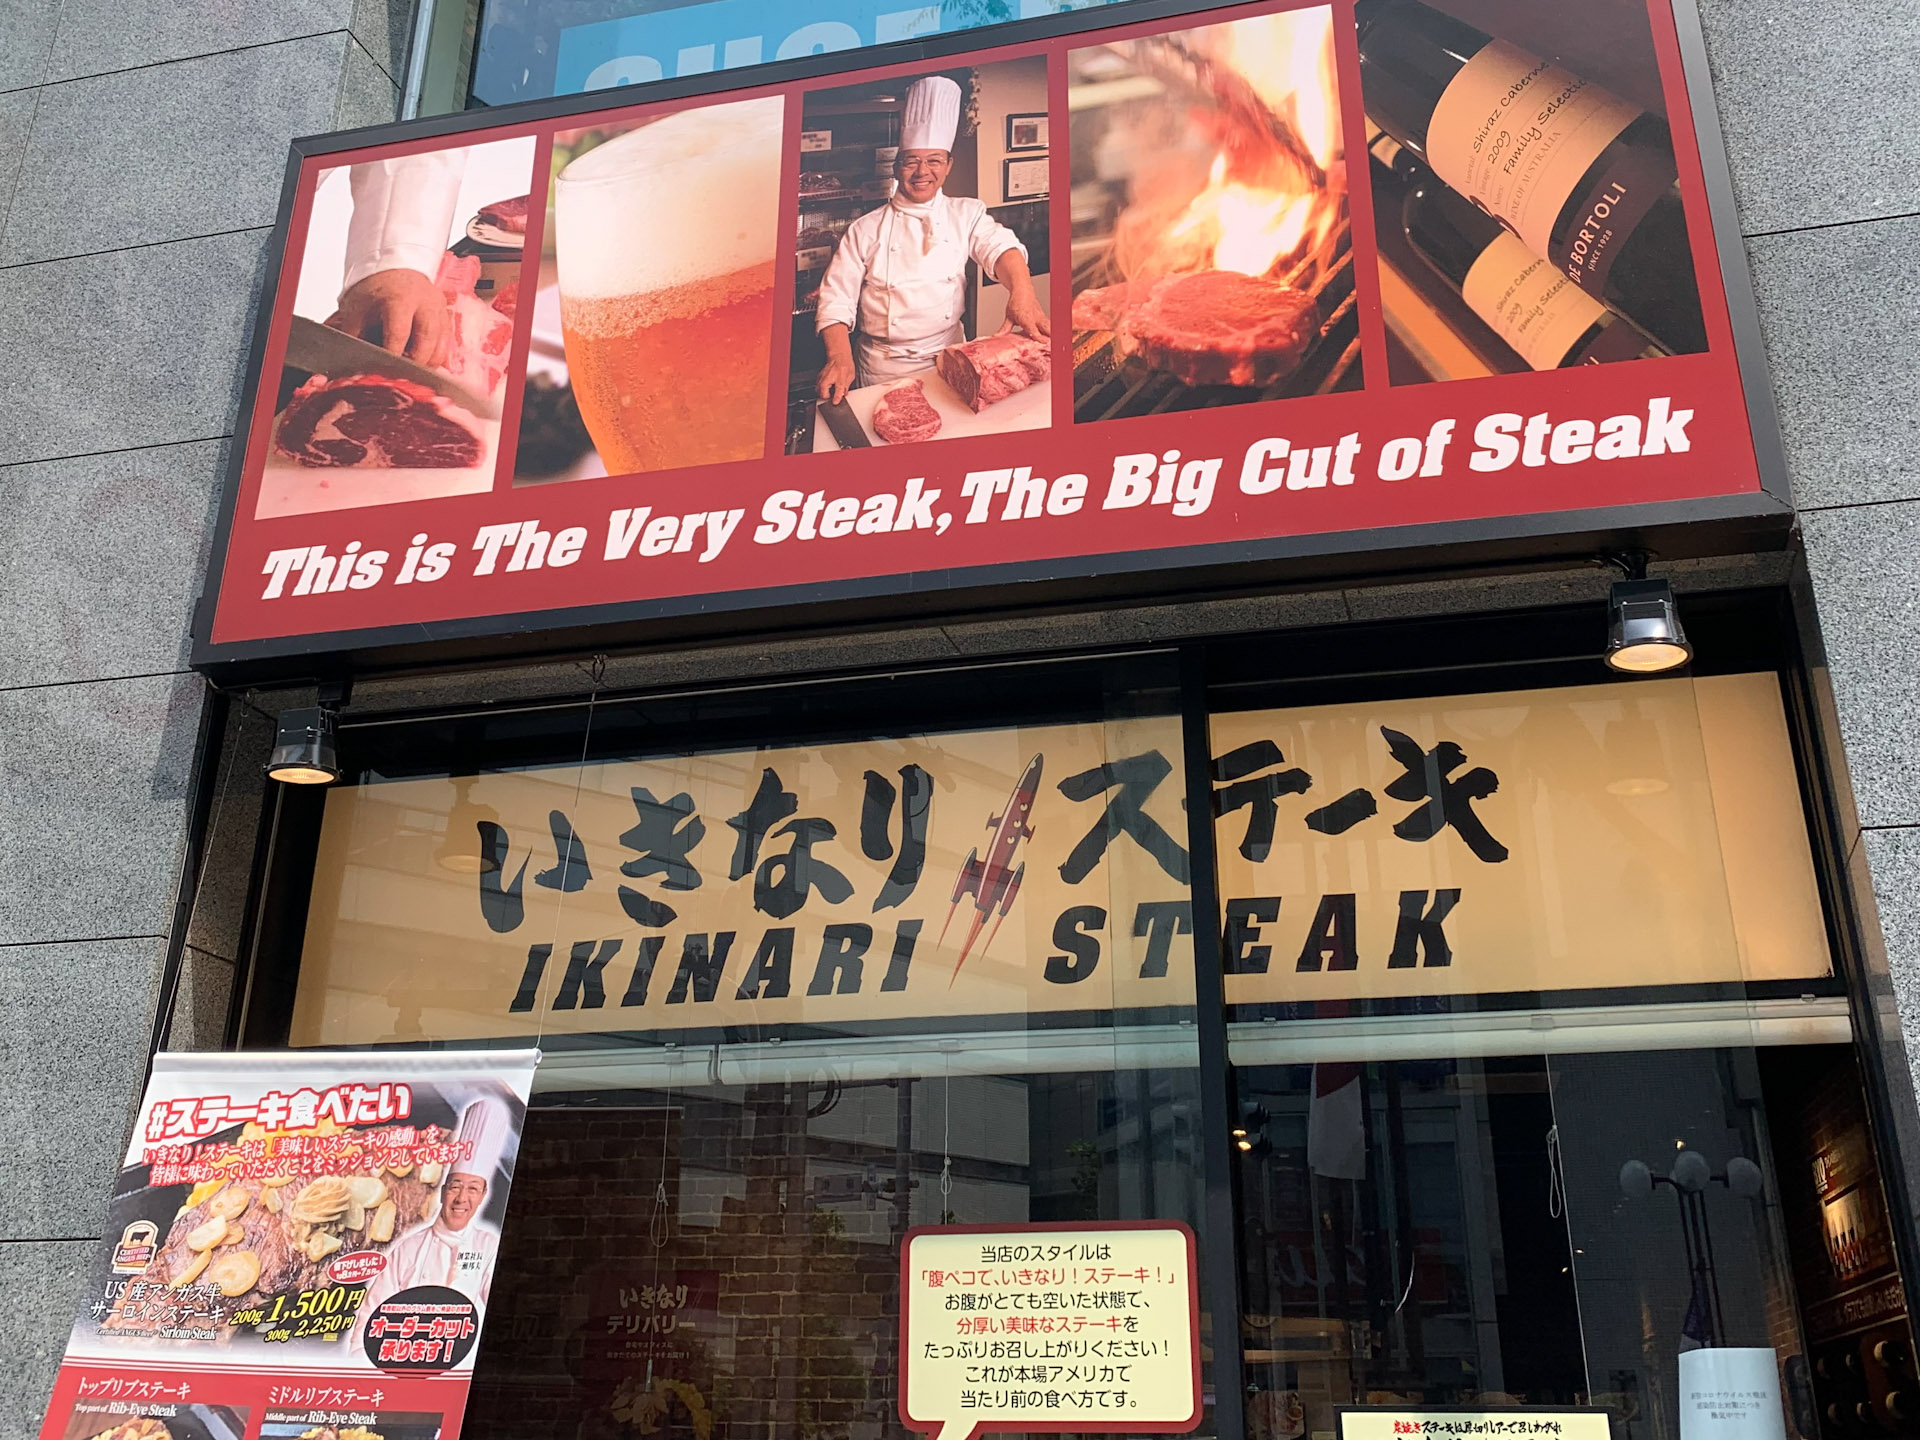 いきなりステーキのカレーが美味しい!トッピングにもおすすめしたい評判の味とは